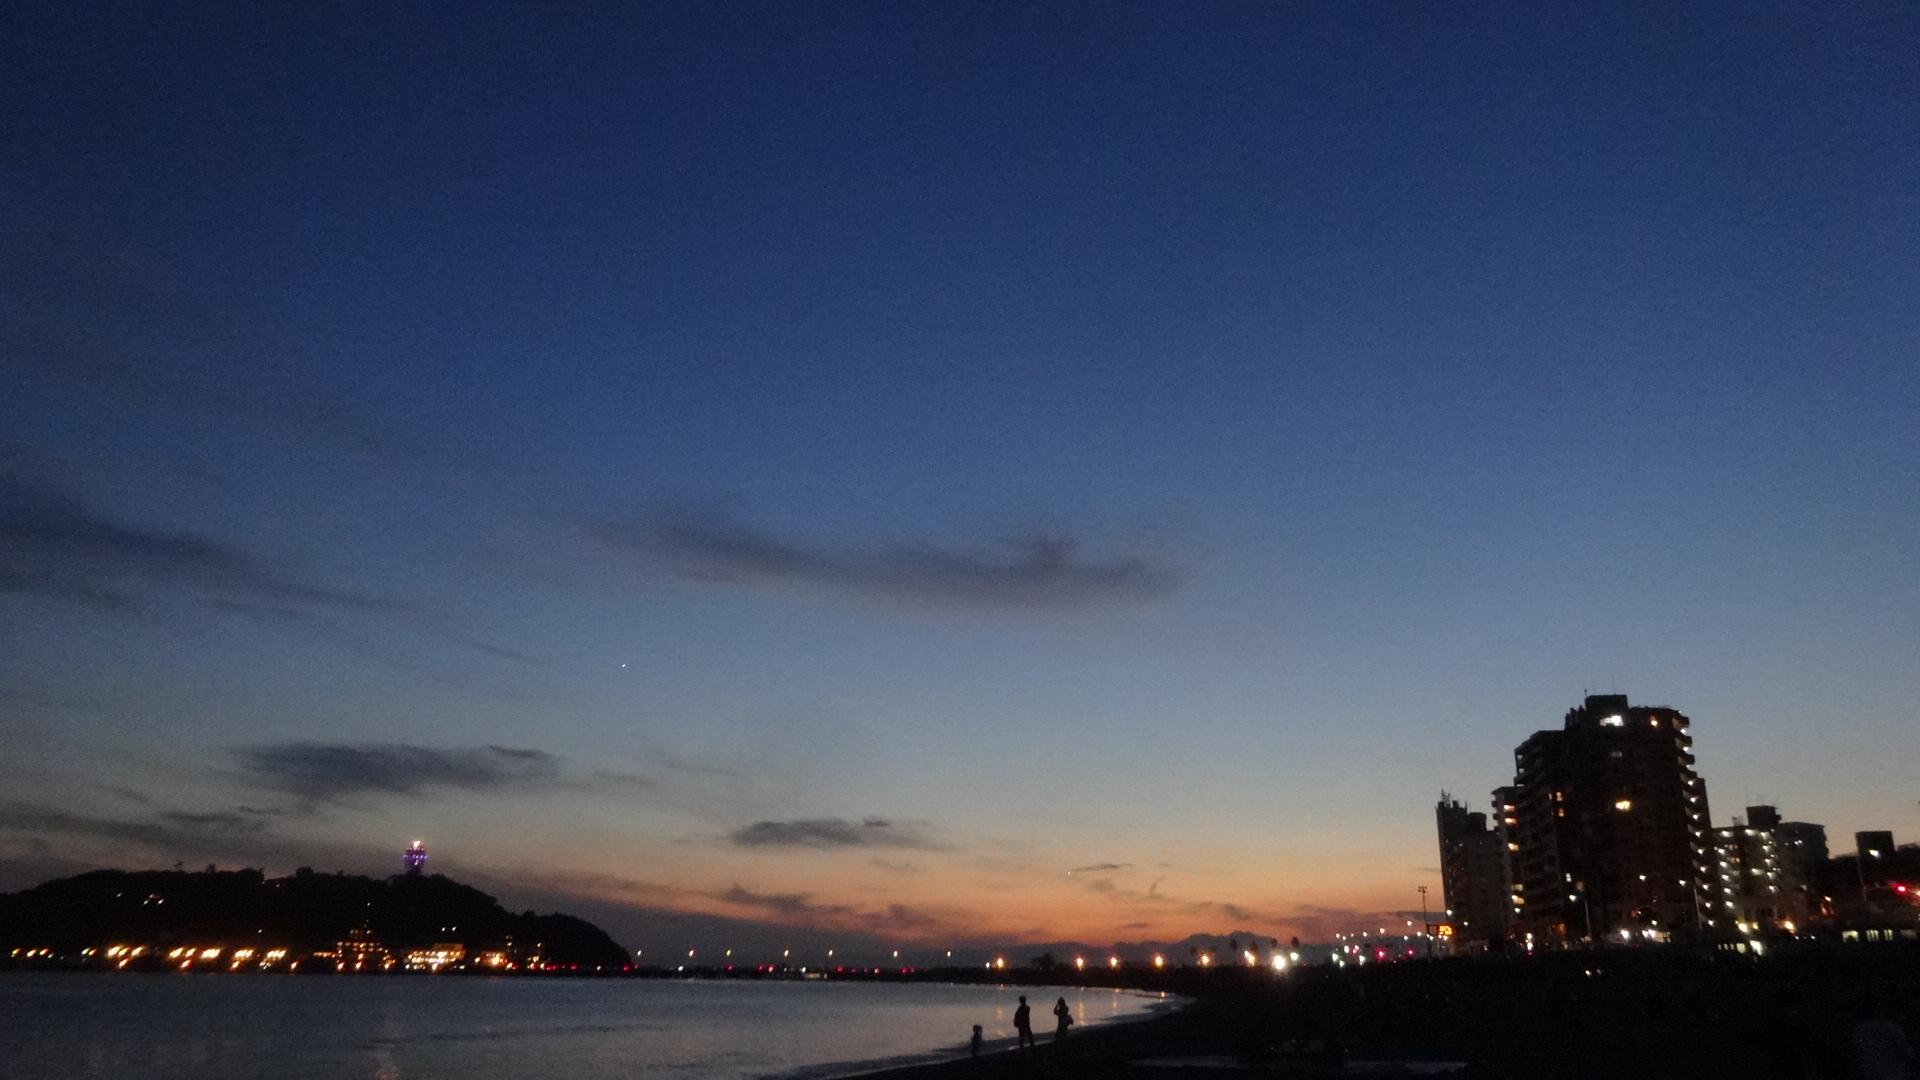 夕日が沈む江の島の風景2